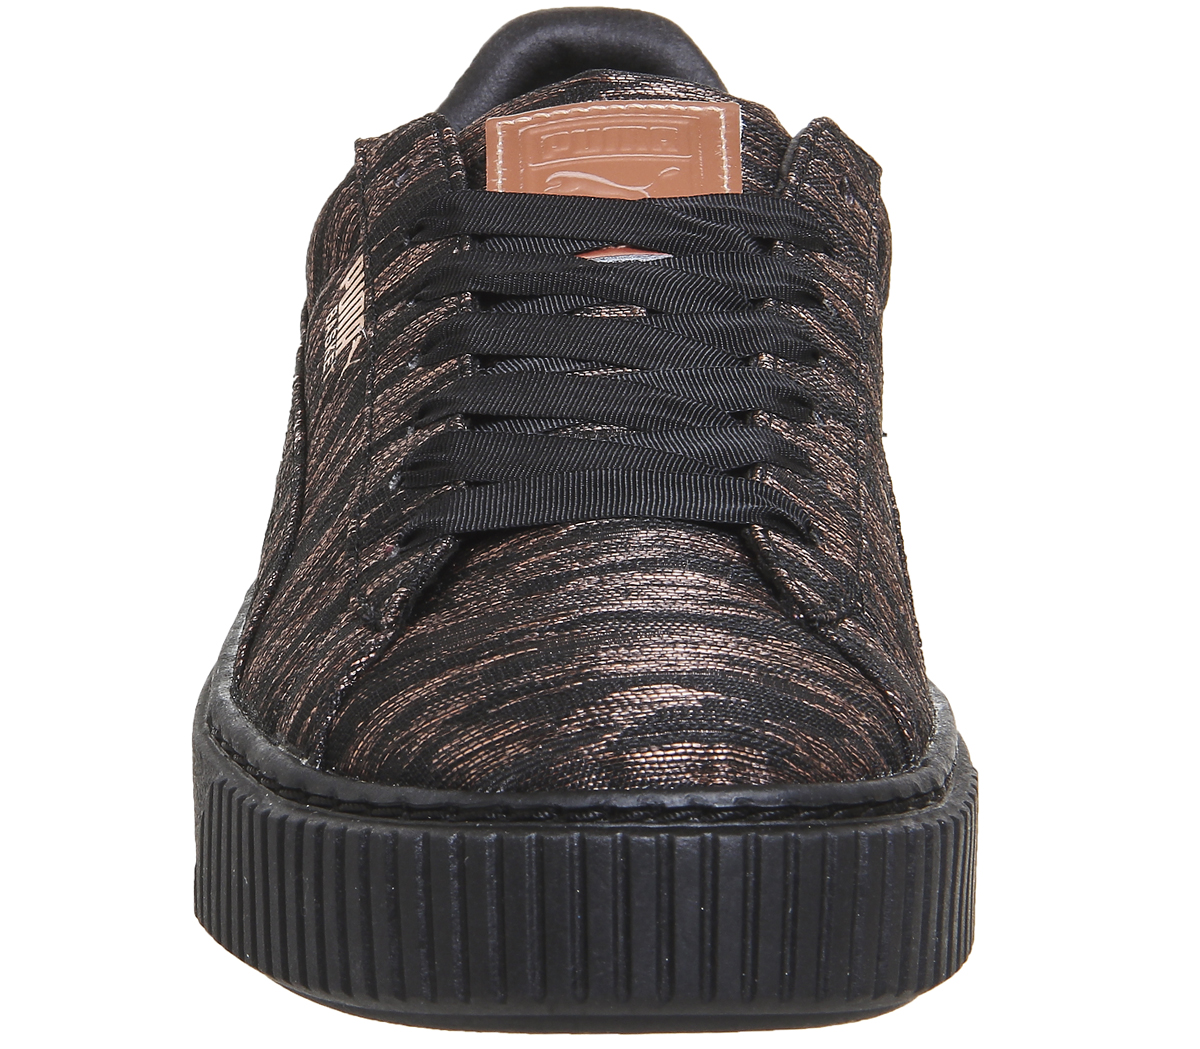 24b8b1a6b1bd Sentinel Womens Puma Basket Platform BLACK MONO VELVET ROPE Trainers Shoes